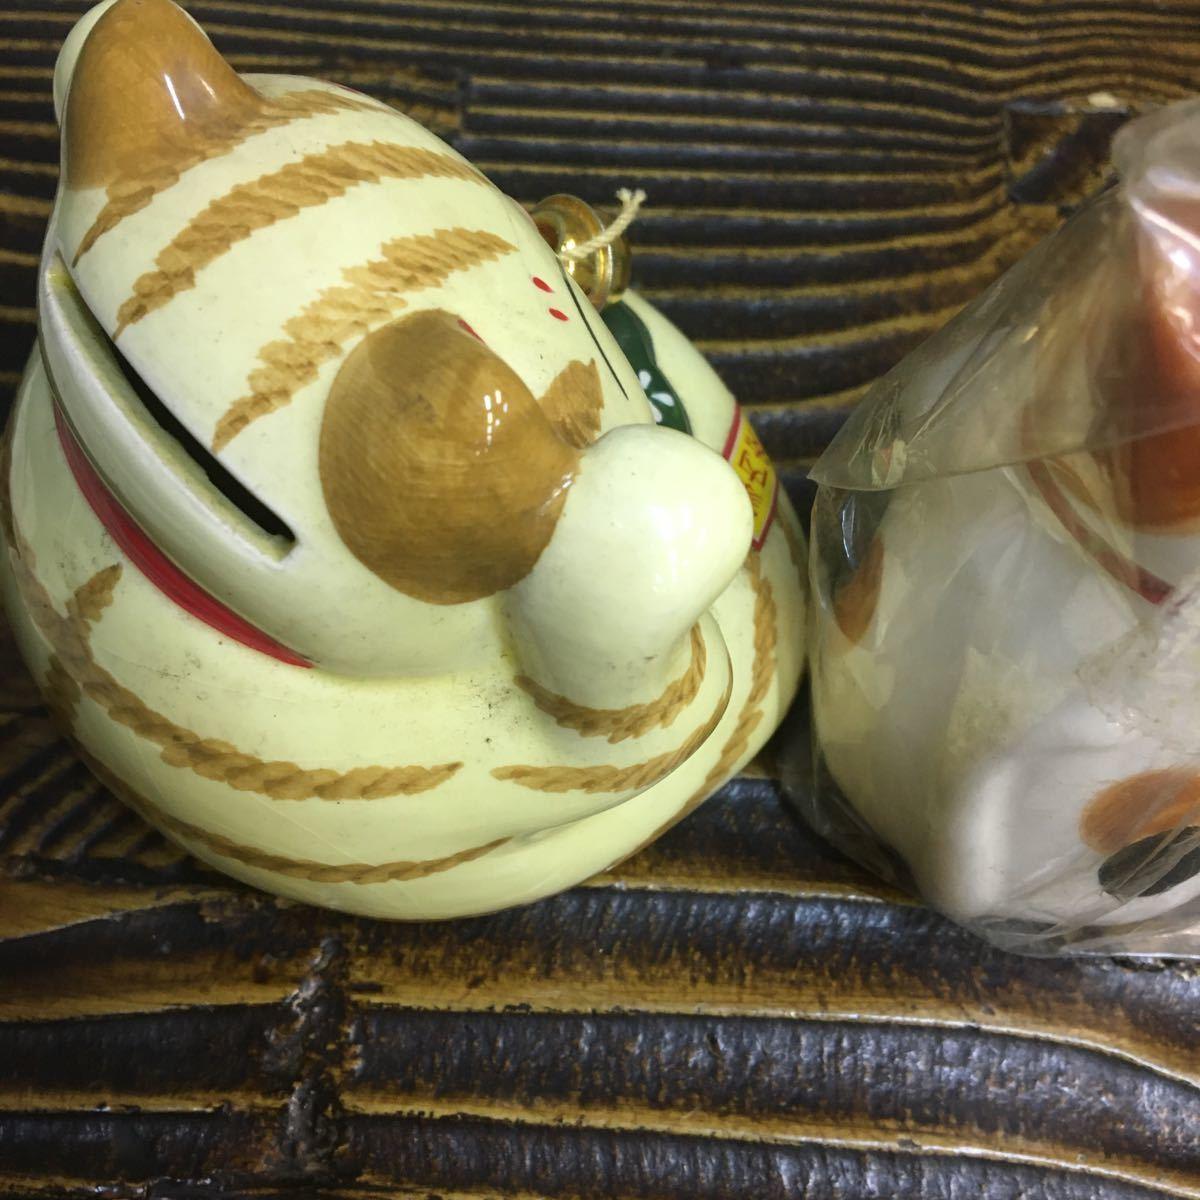 【開運 トラミケ 猫 陶器 2匹セット】小判 鈴 ギフト ニャンコ 貯金箱 招き猫 ねこ ネコ CAT 卓上 癒し 家内安全 縁起 小ぶり【19/10 D-1】_画像3